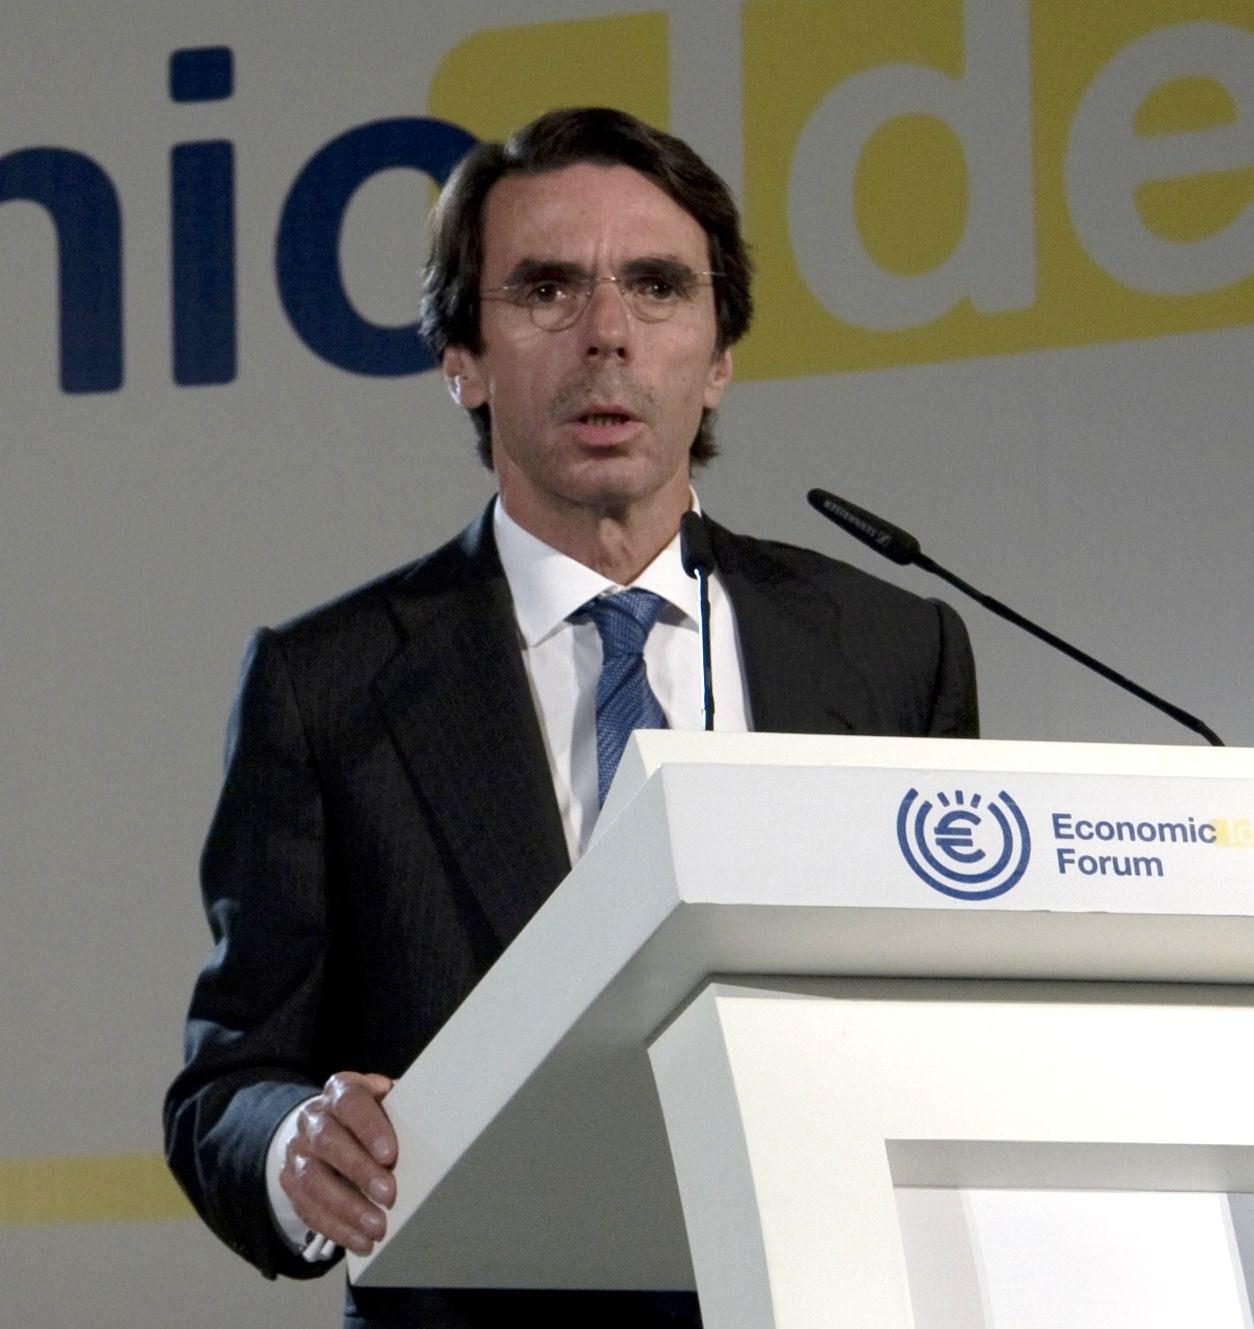 Jose Maria Aznar